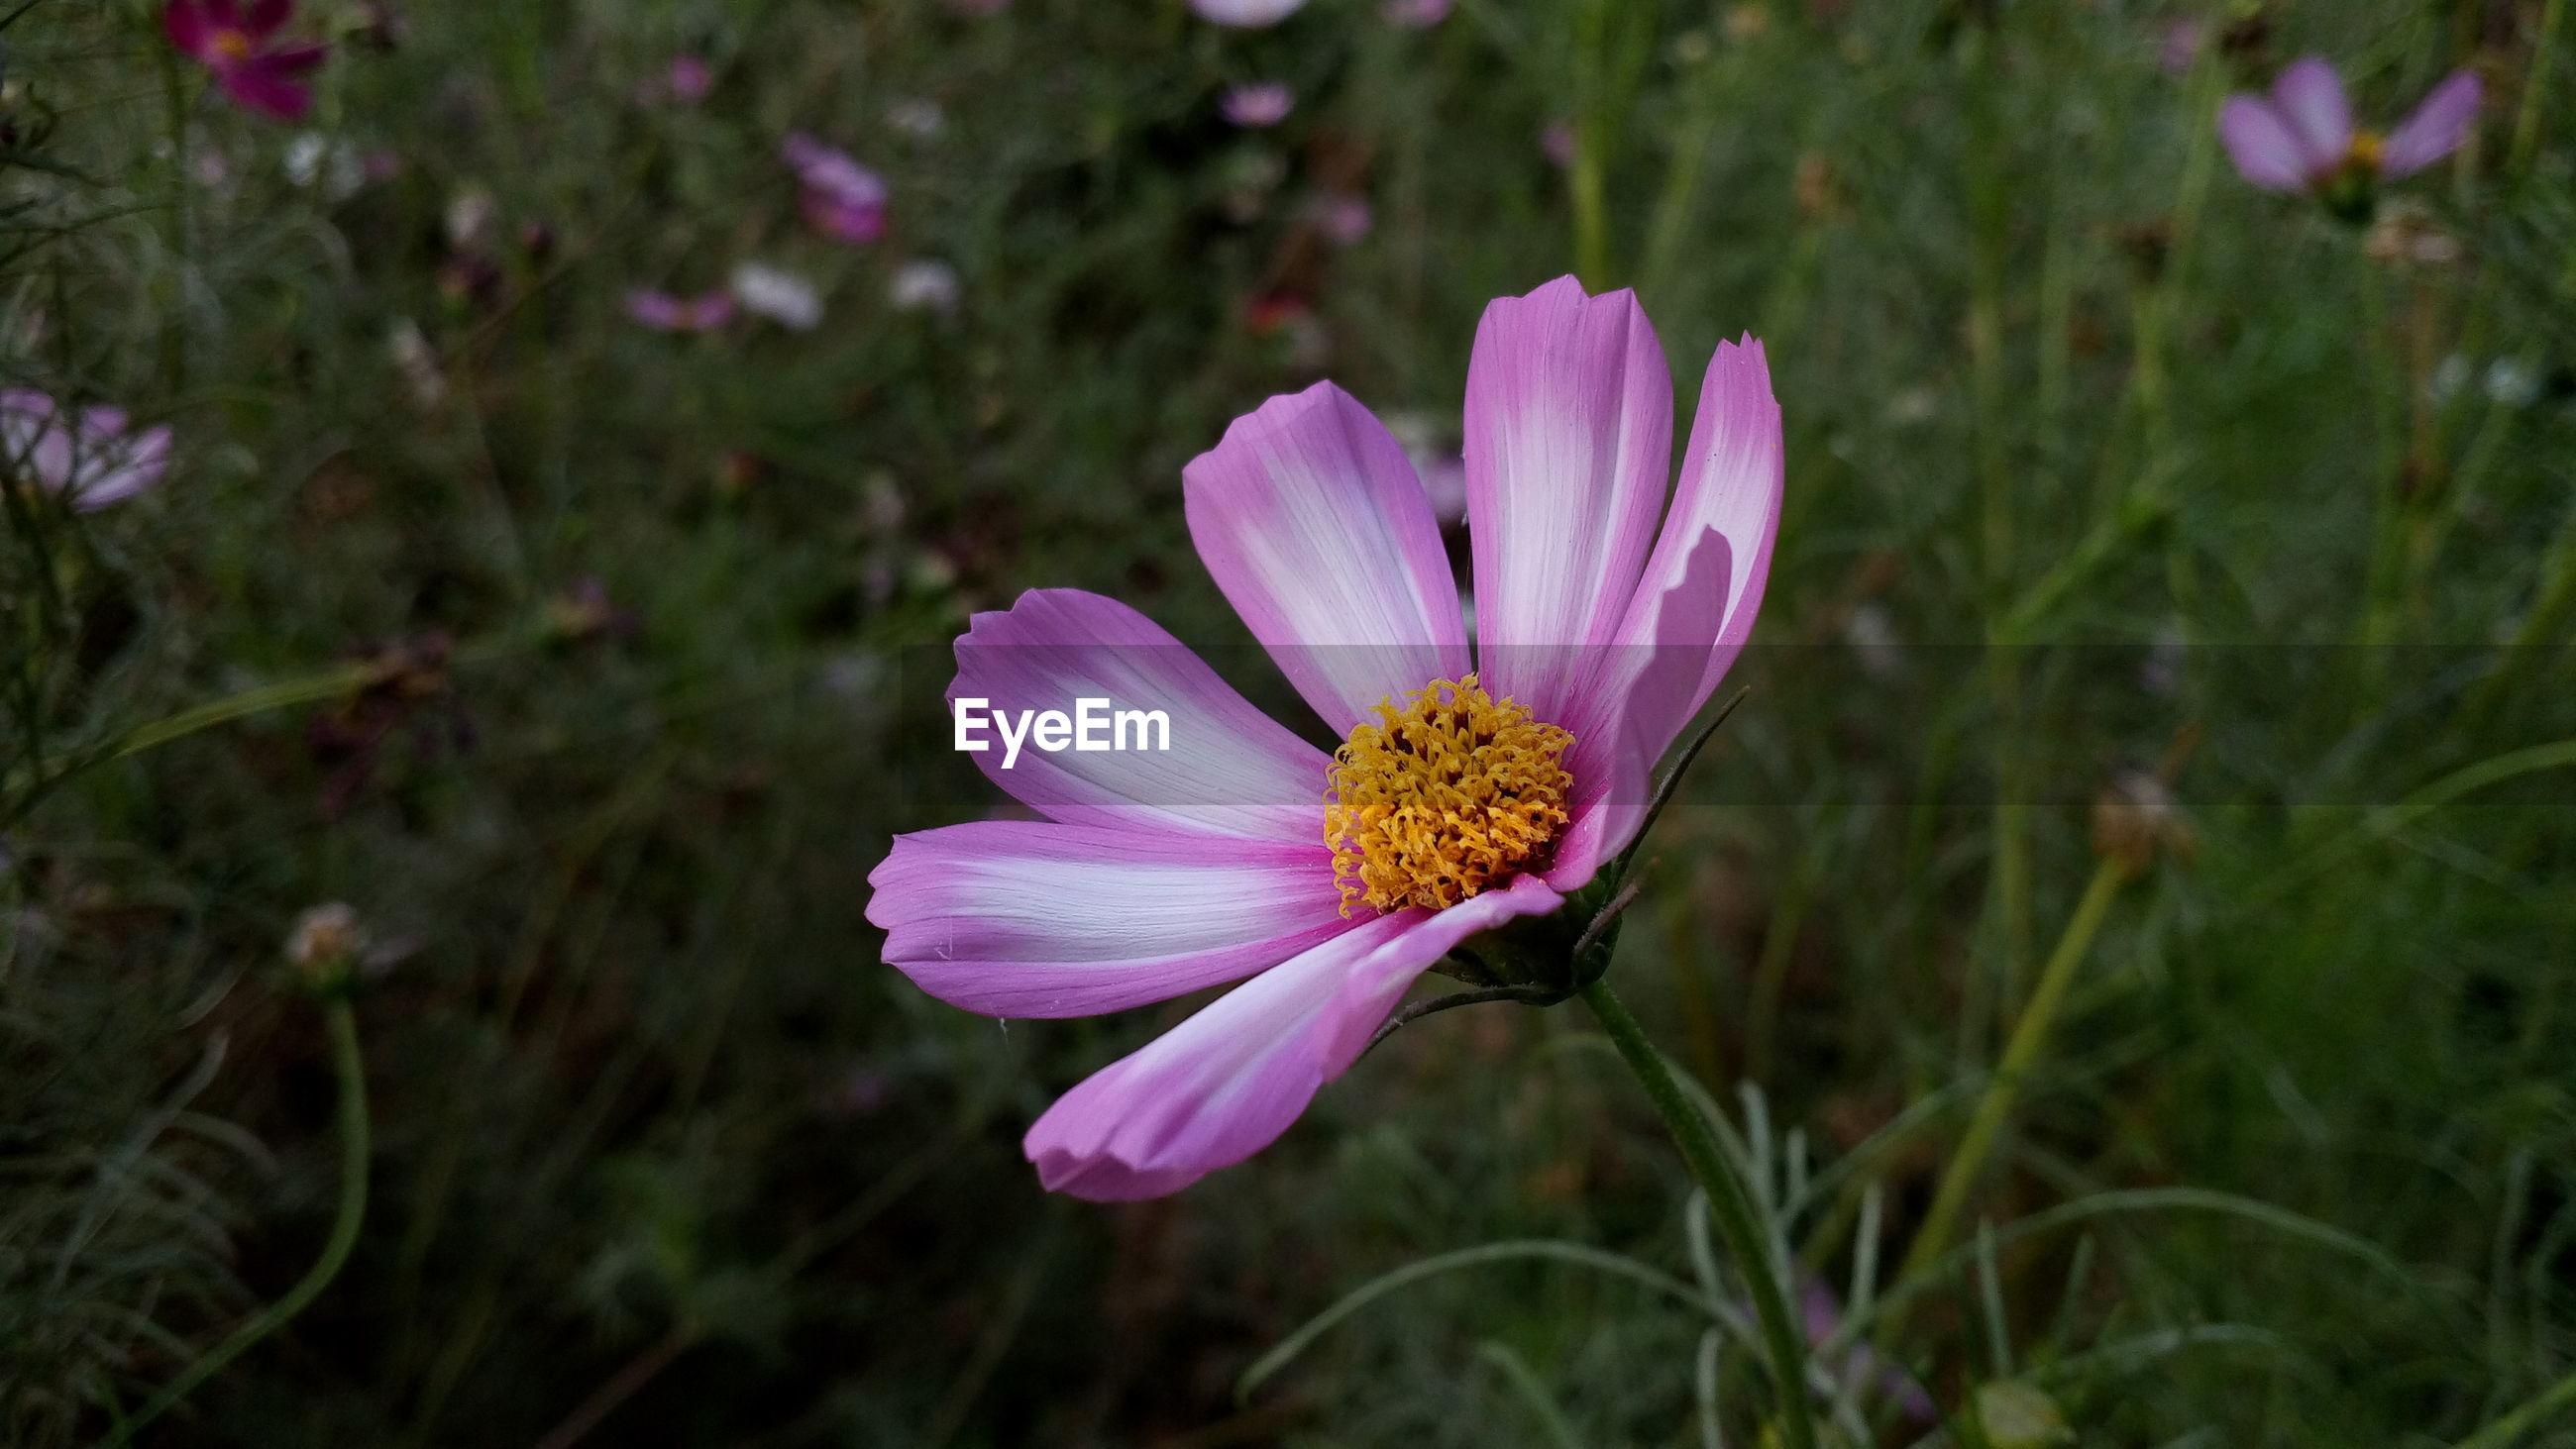 Cosmos flower blooming on field